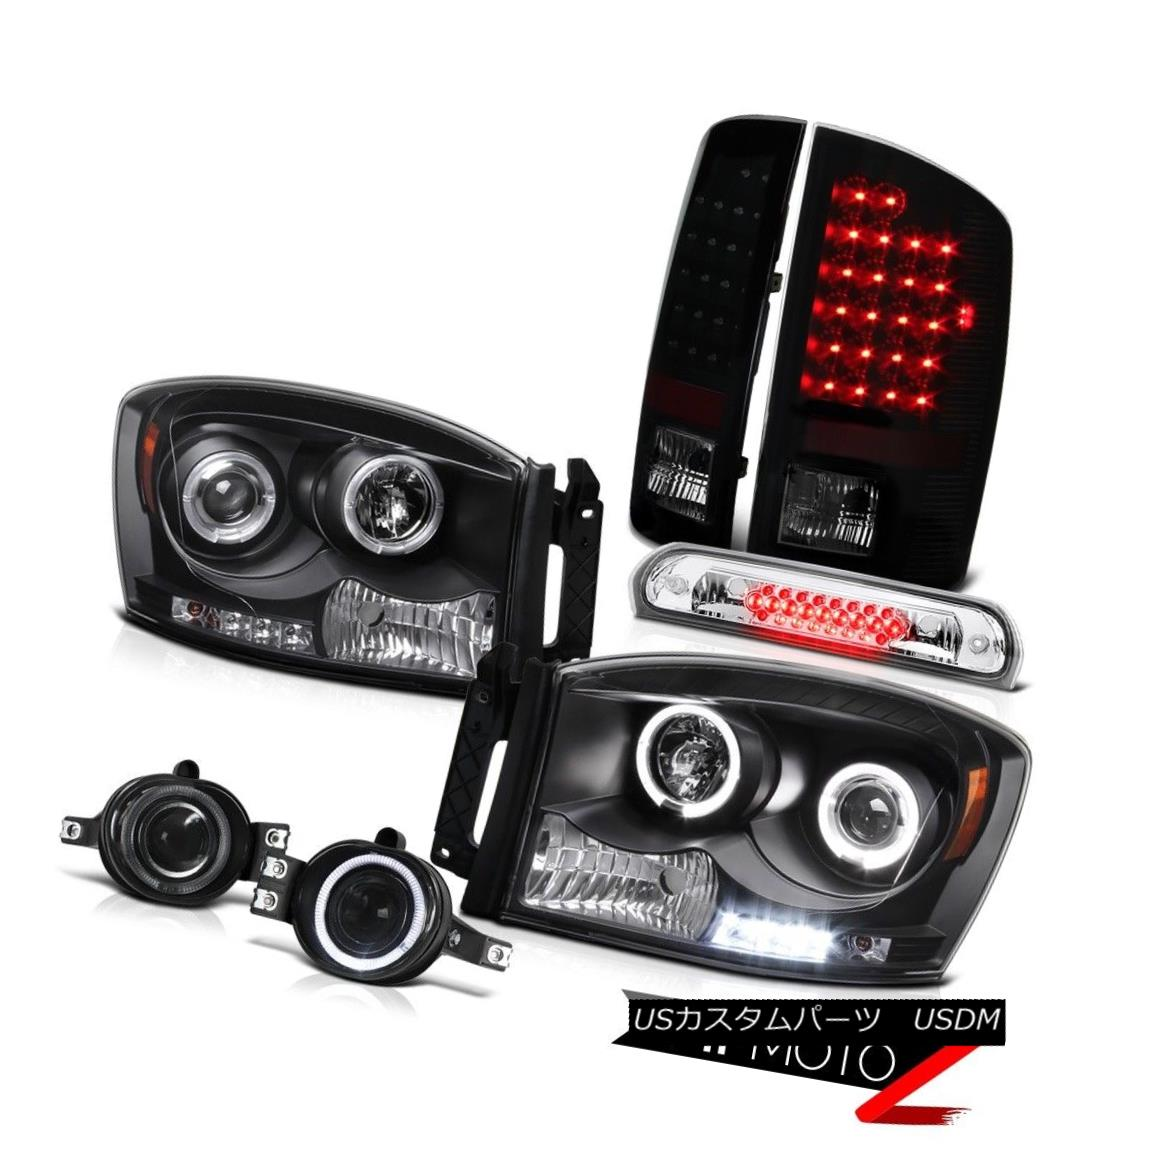 テールライト 07 08 Ram Hemi Black Angel Eye Headlights LED Tail Lights Driving Fog Roof Clear 07 08 Ram HemiブラックエンジェルアイヘッドライトLEDテールライトドライビングフォグルーフクリア